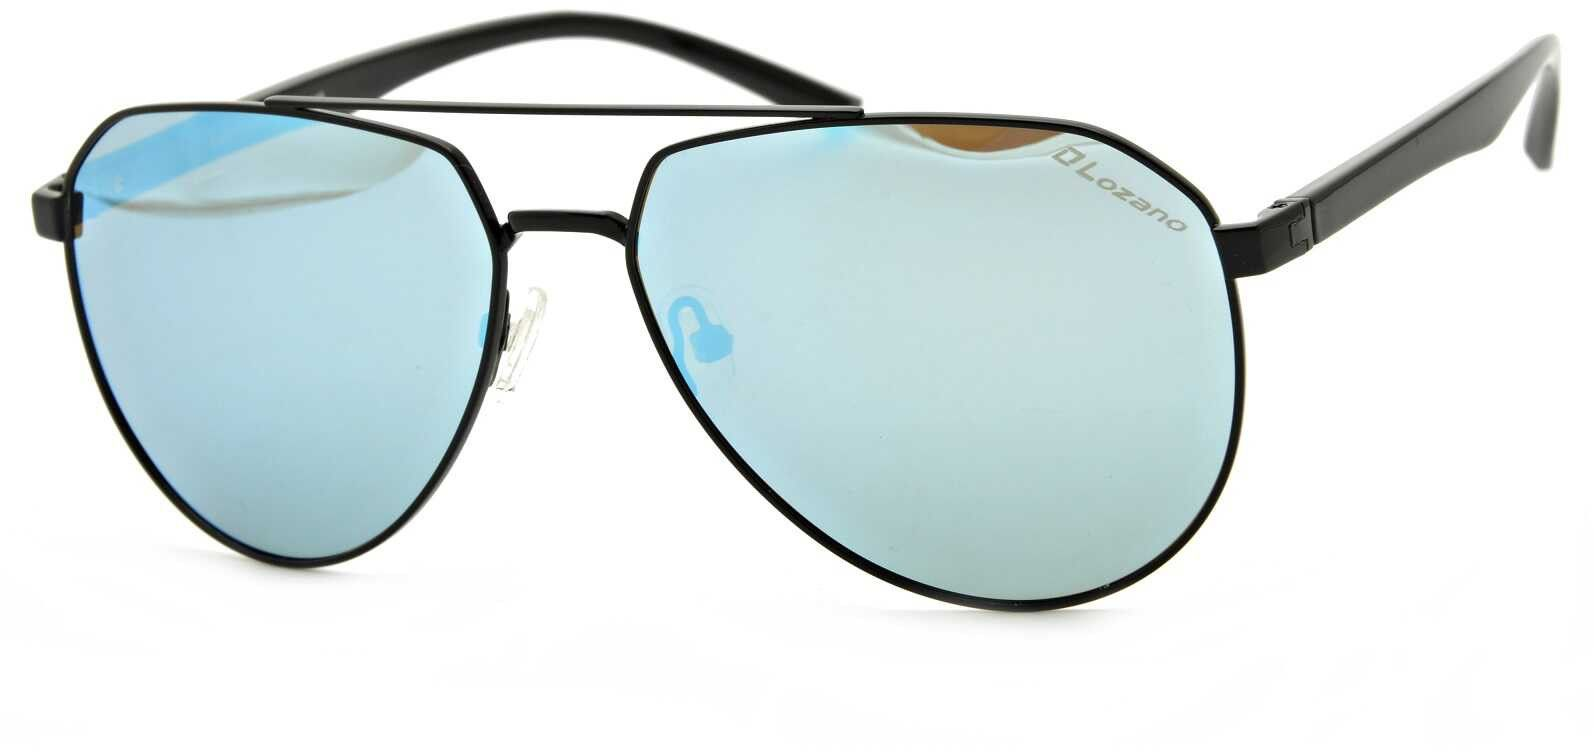 Okulary Pilotki LOZANO PJ821C5-B75 Polaryzacyjne lustrzane